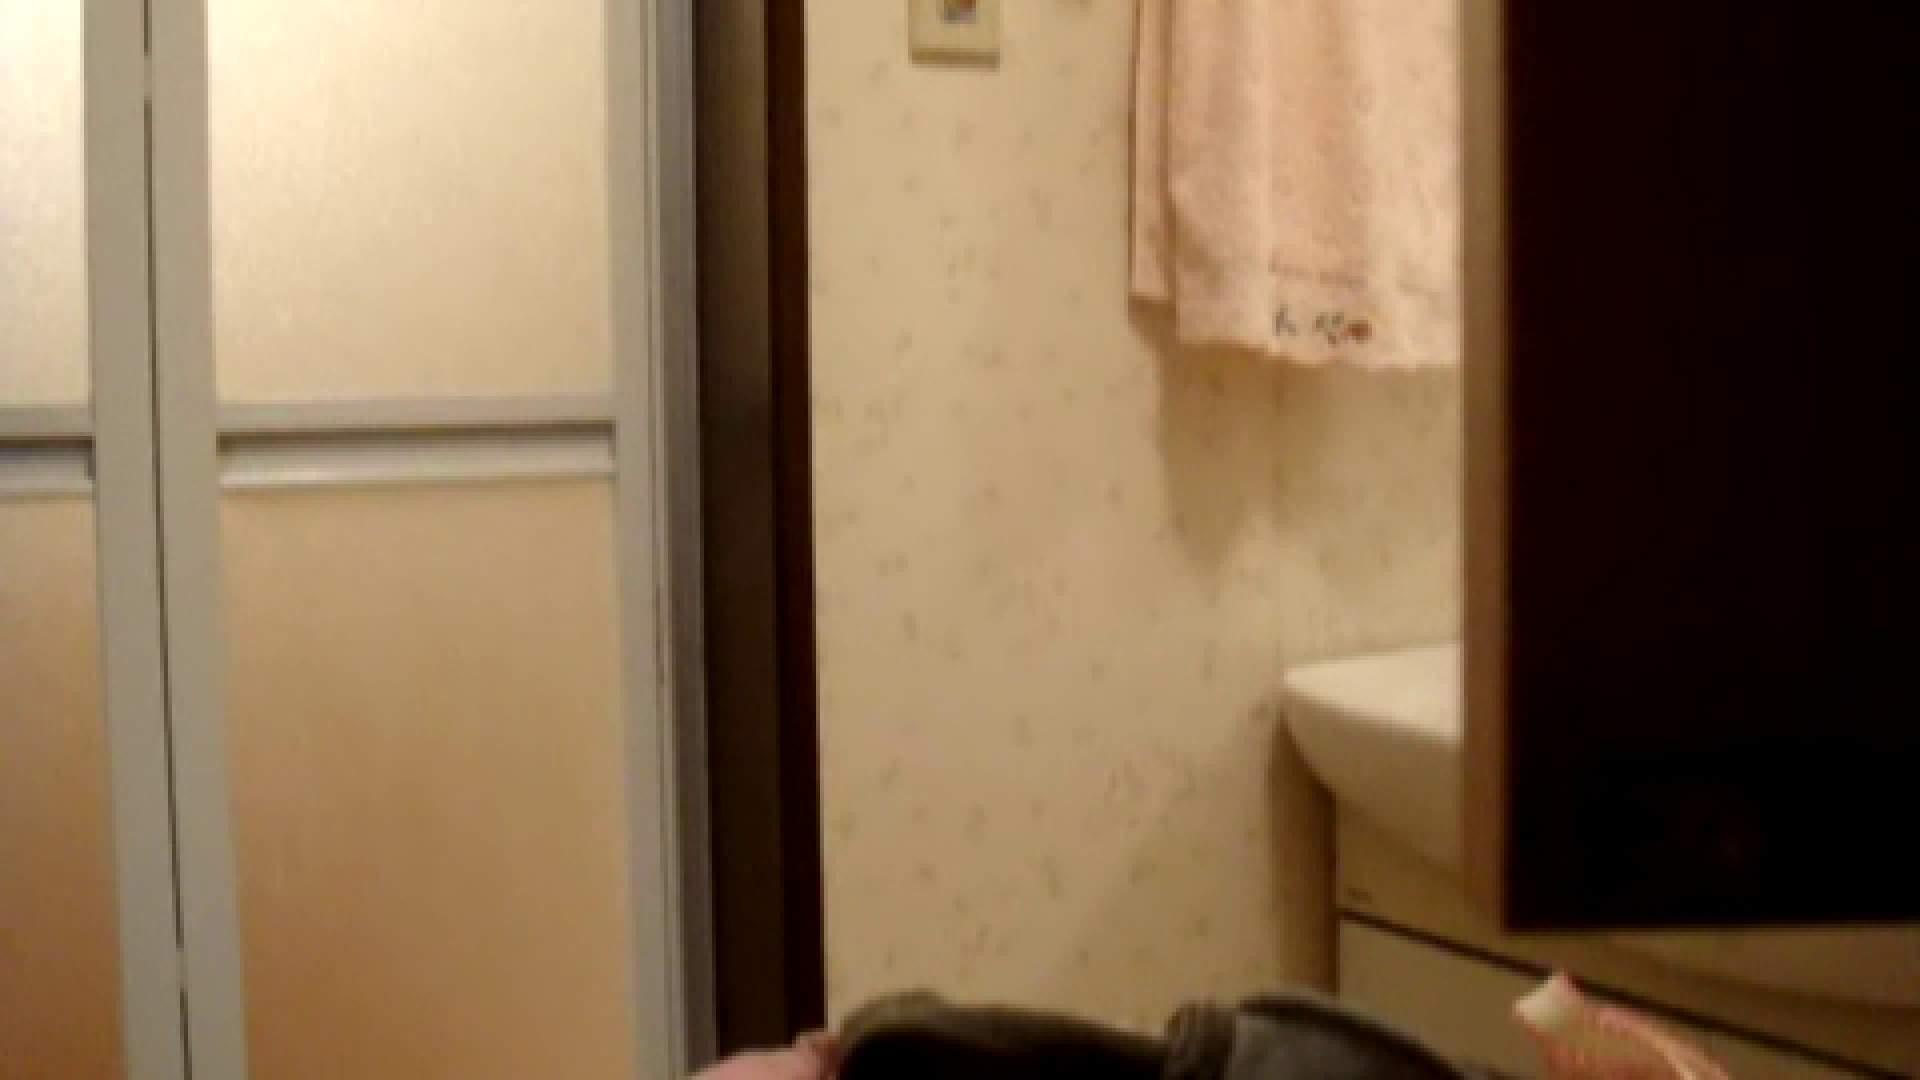 二人とも育てた甲斐がありました… vol.08 まどかの入浴中にカメラに気付いたか!? OLのエロ生活  71連発 70